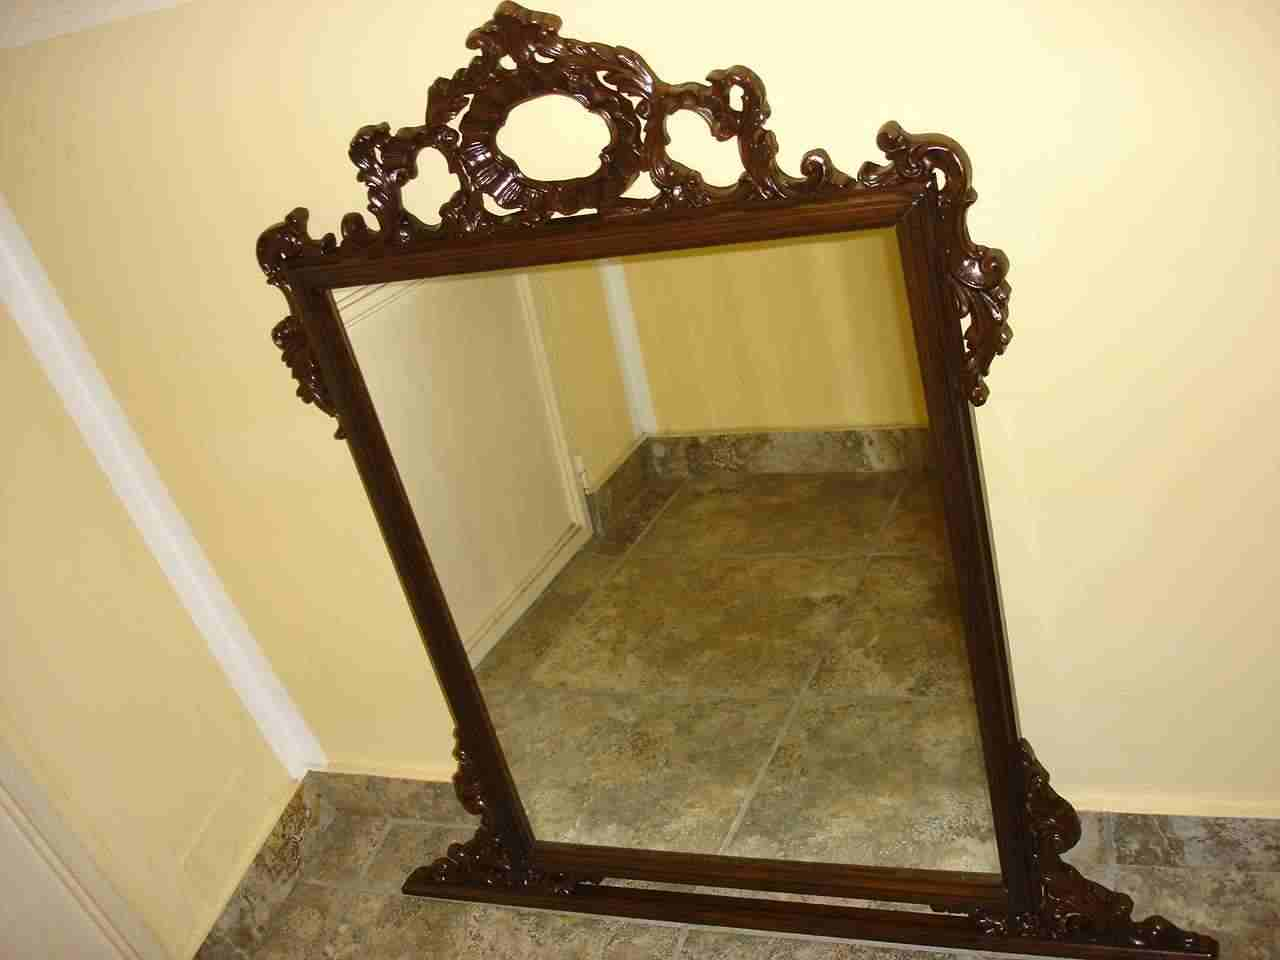 Specchiera antica in legno.